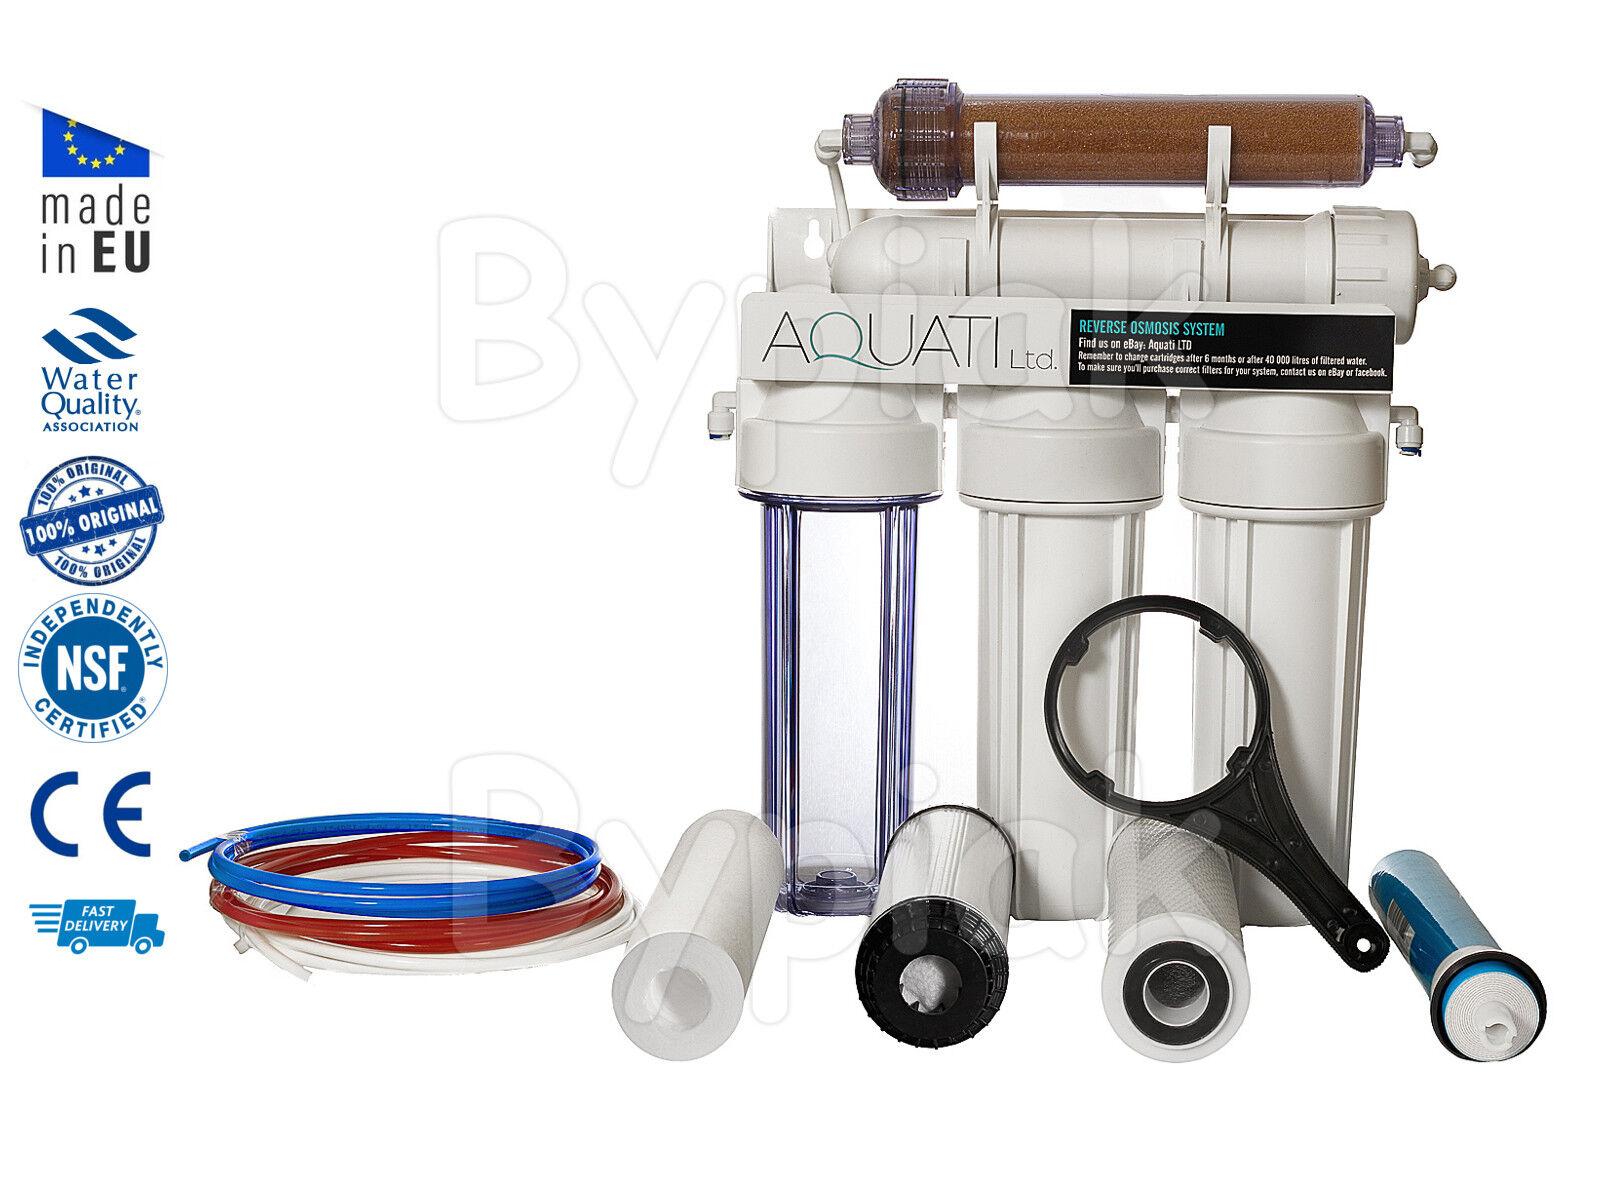 NUOVO 5 STADIO RO & di resina Osmosi Inversa Filtro acqua sistema 5075100  150GPD